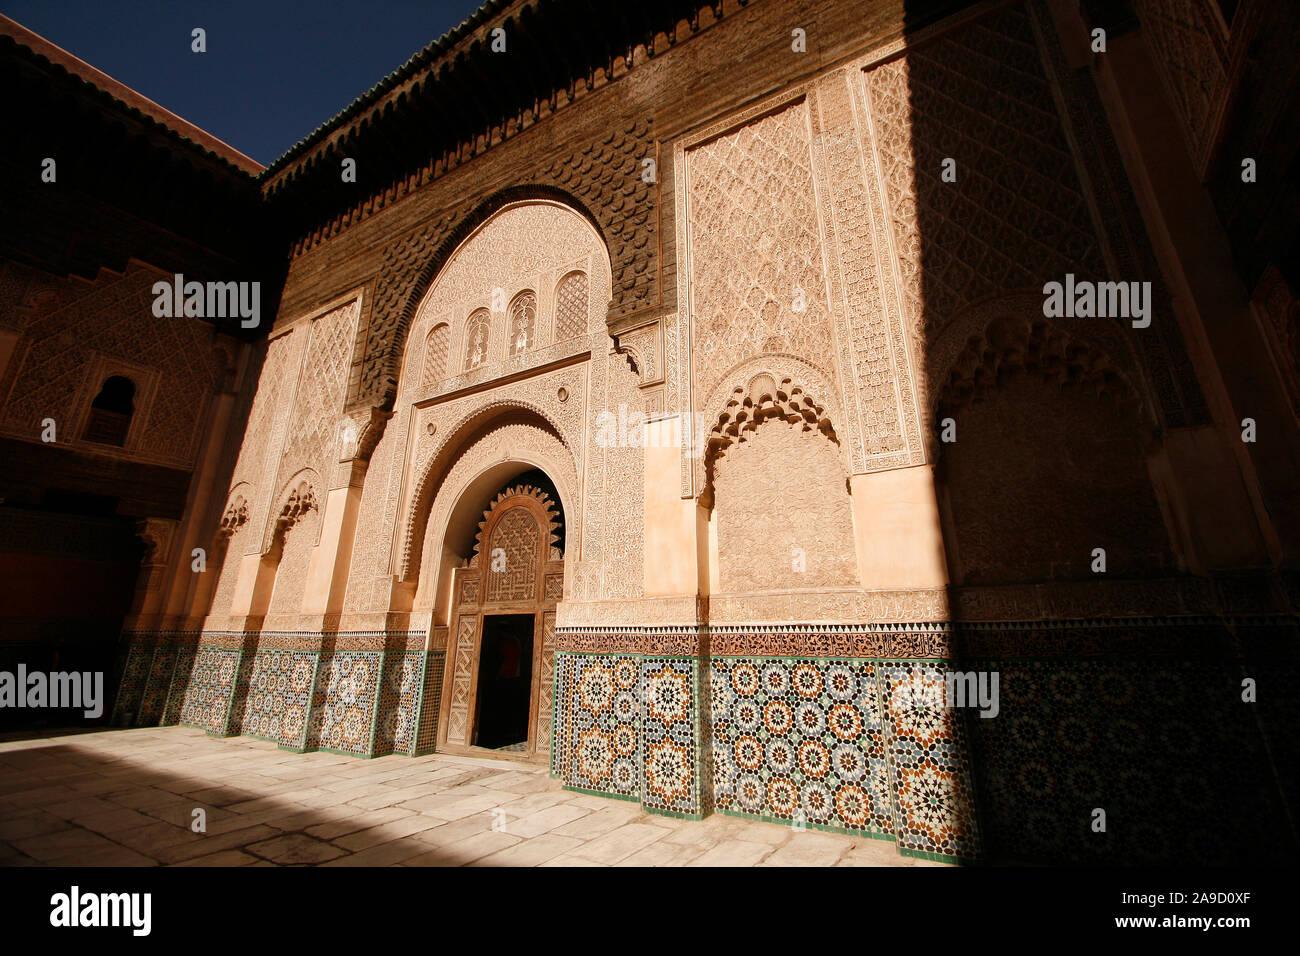 Courtyard of the Medersa Ben Youssef, Medina, Marrakech, Morocco Stock Photo